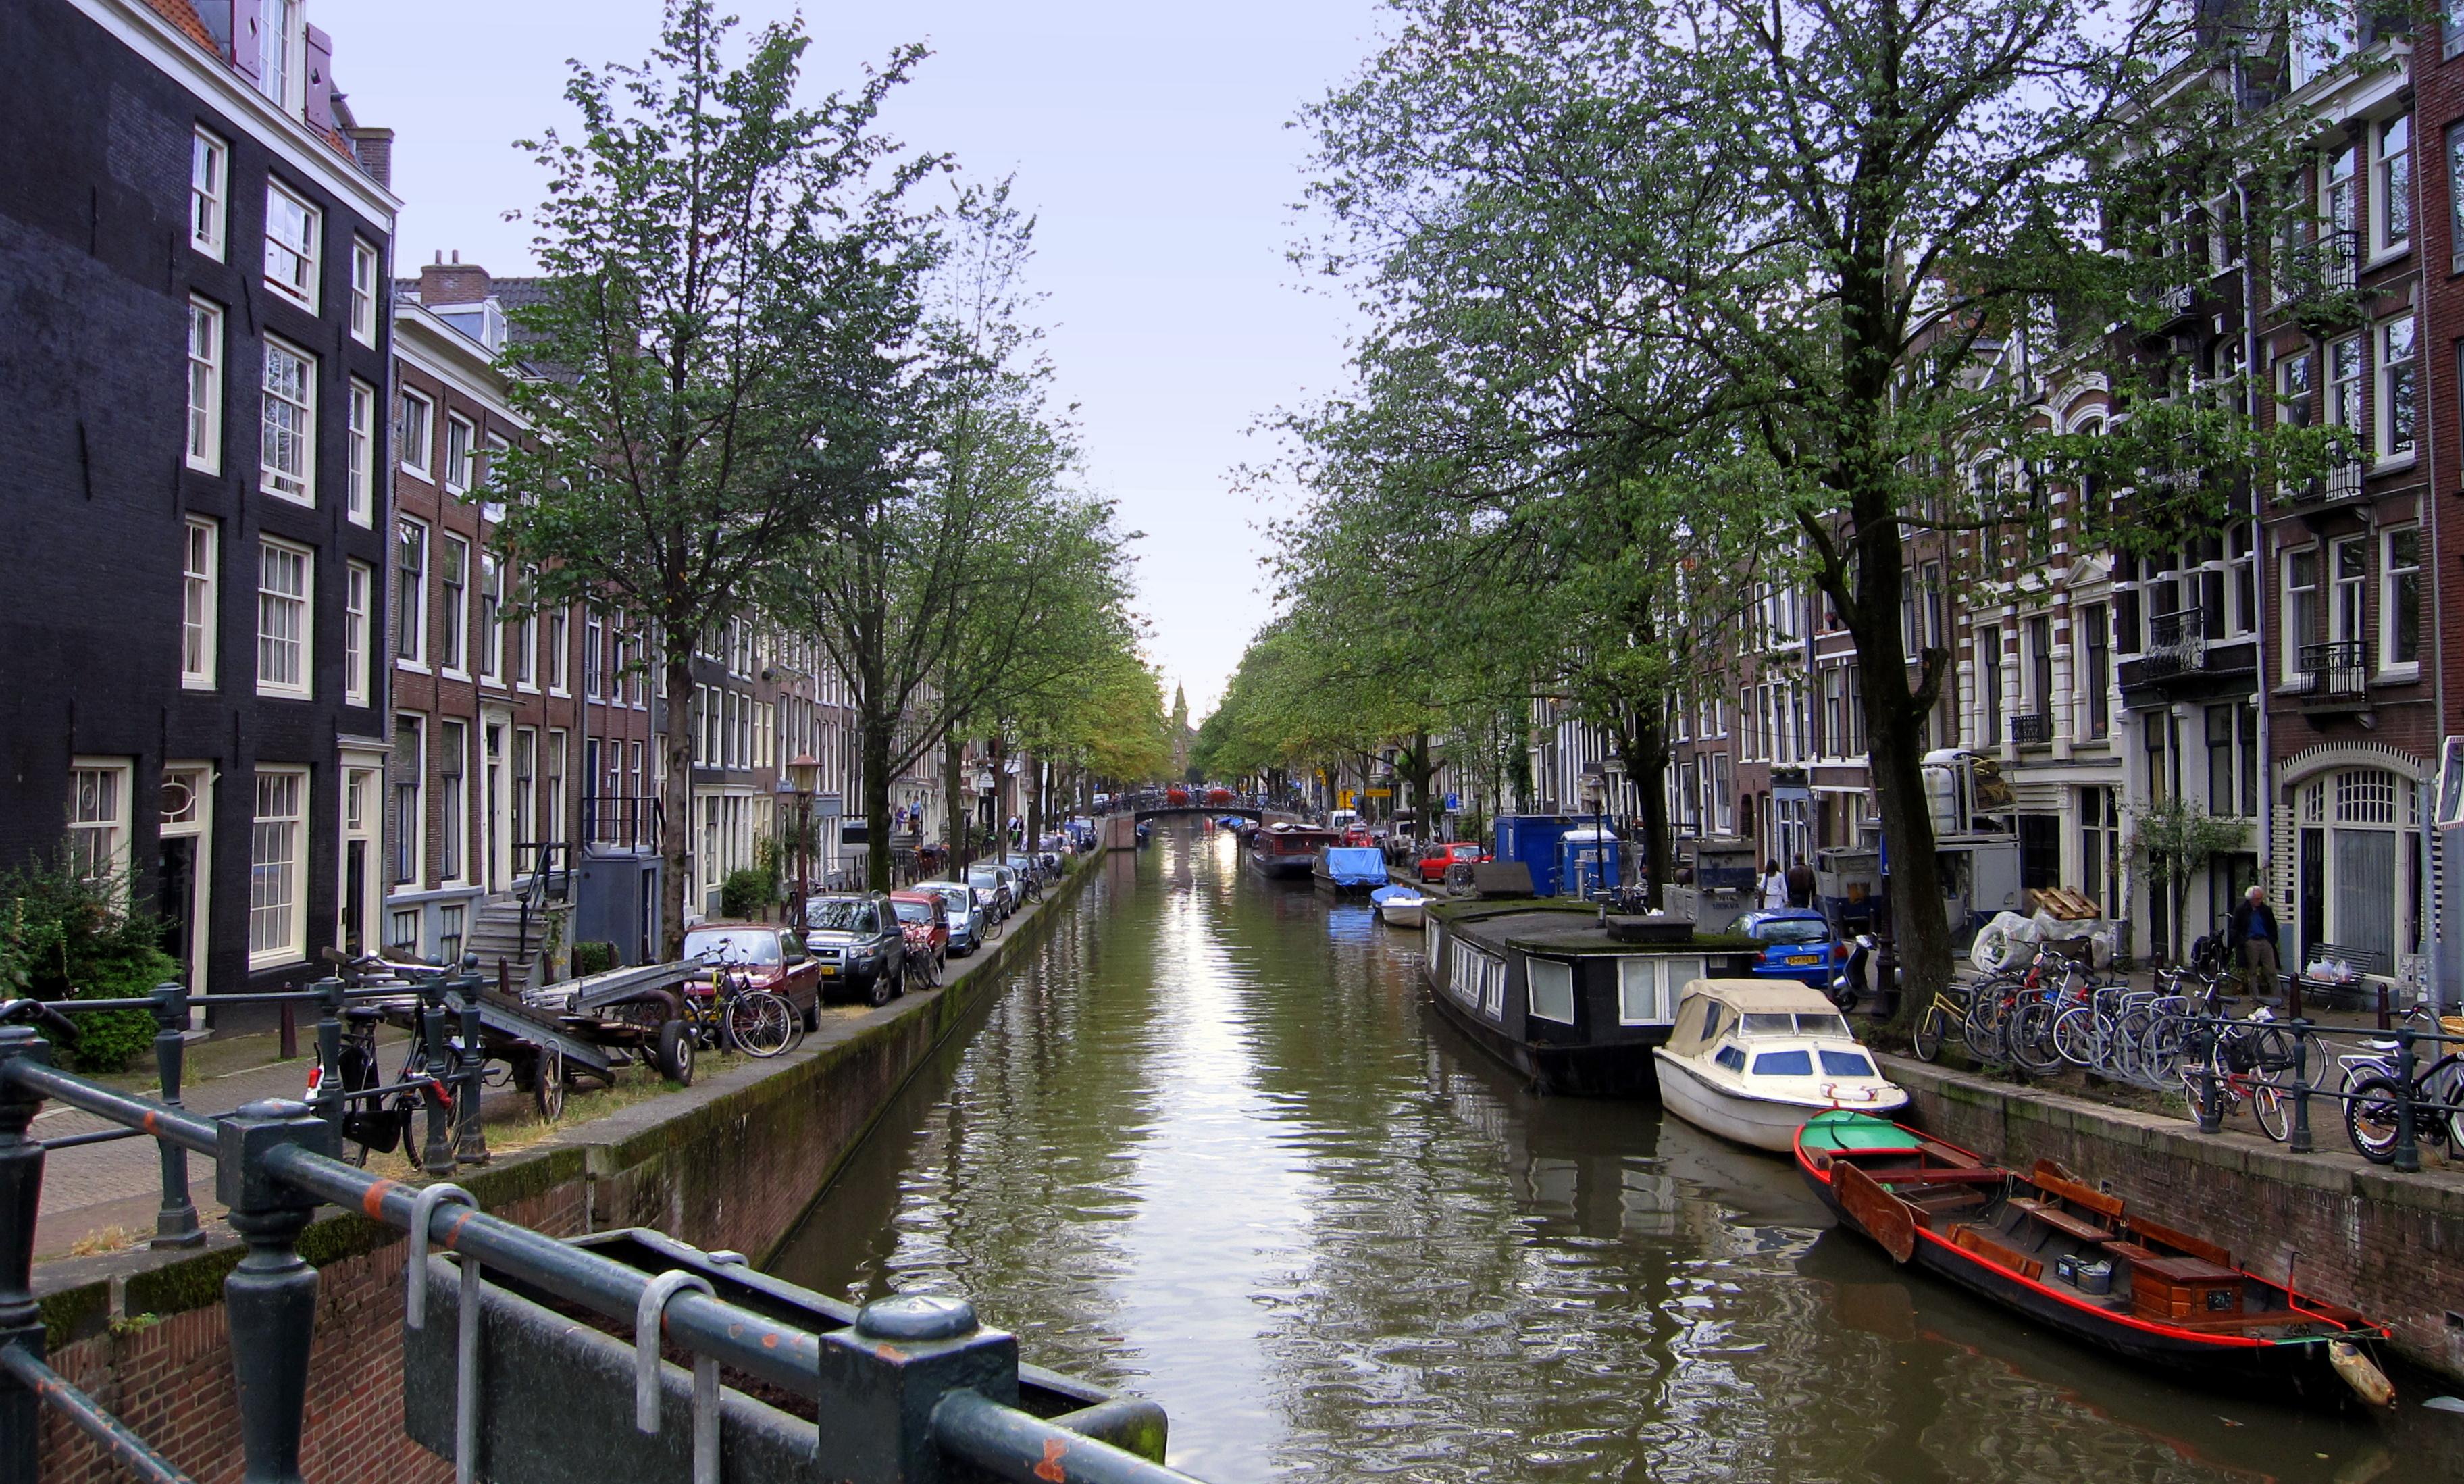 Amsterdam consigli di viaggio for Dormire a amsterdam consigli